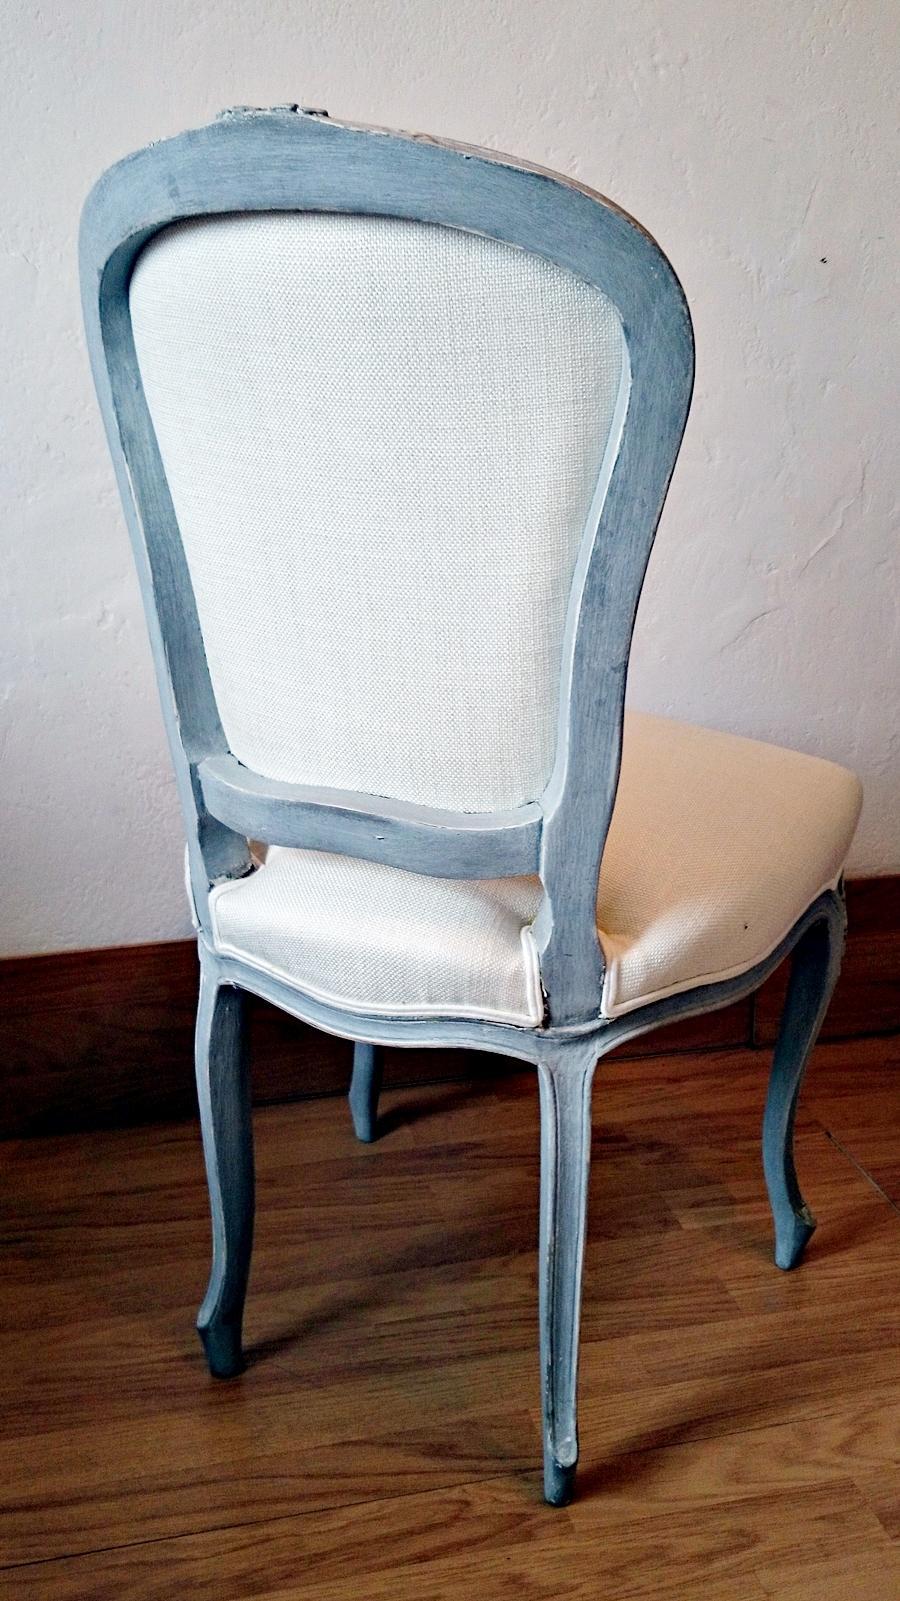 Silla vintage estilo Luis XV en gris decapado  Tienda online de decoracin y muebles personalizados